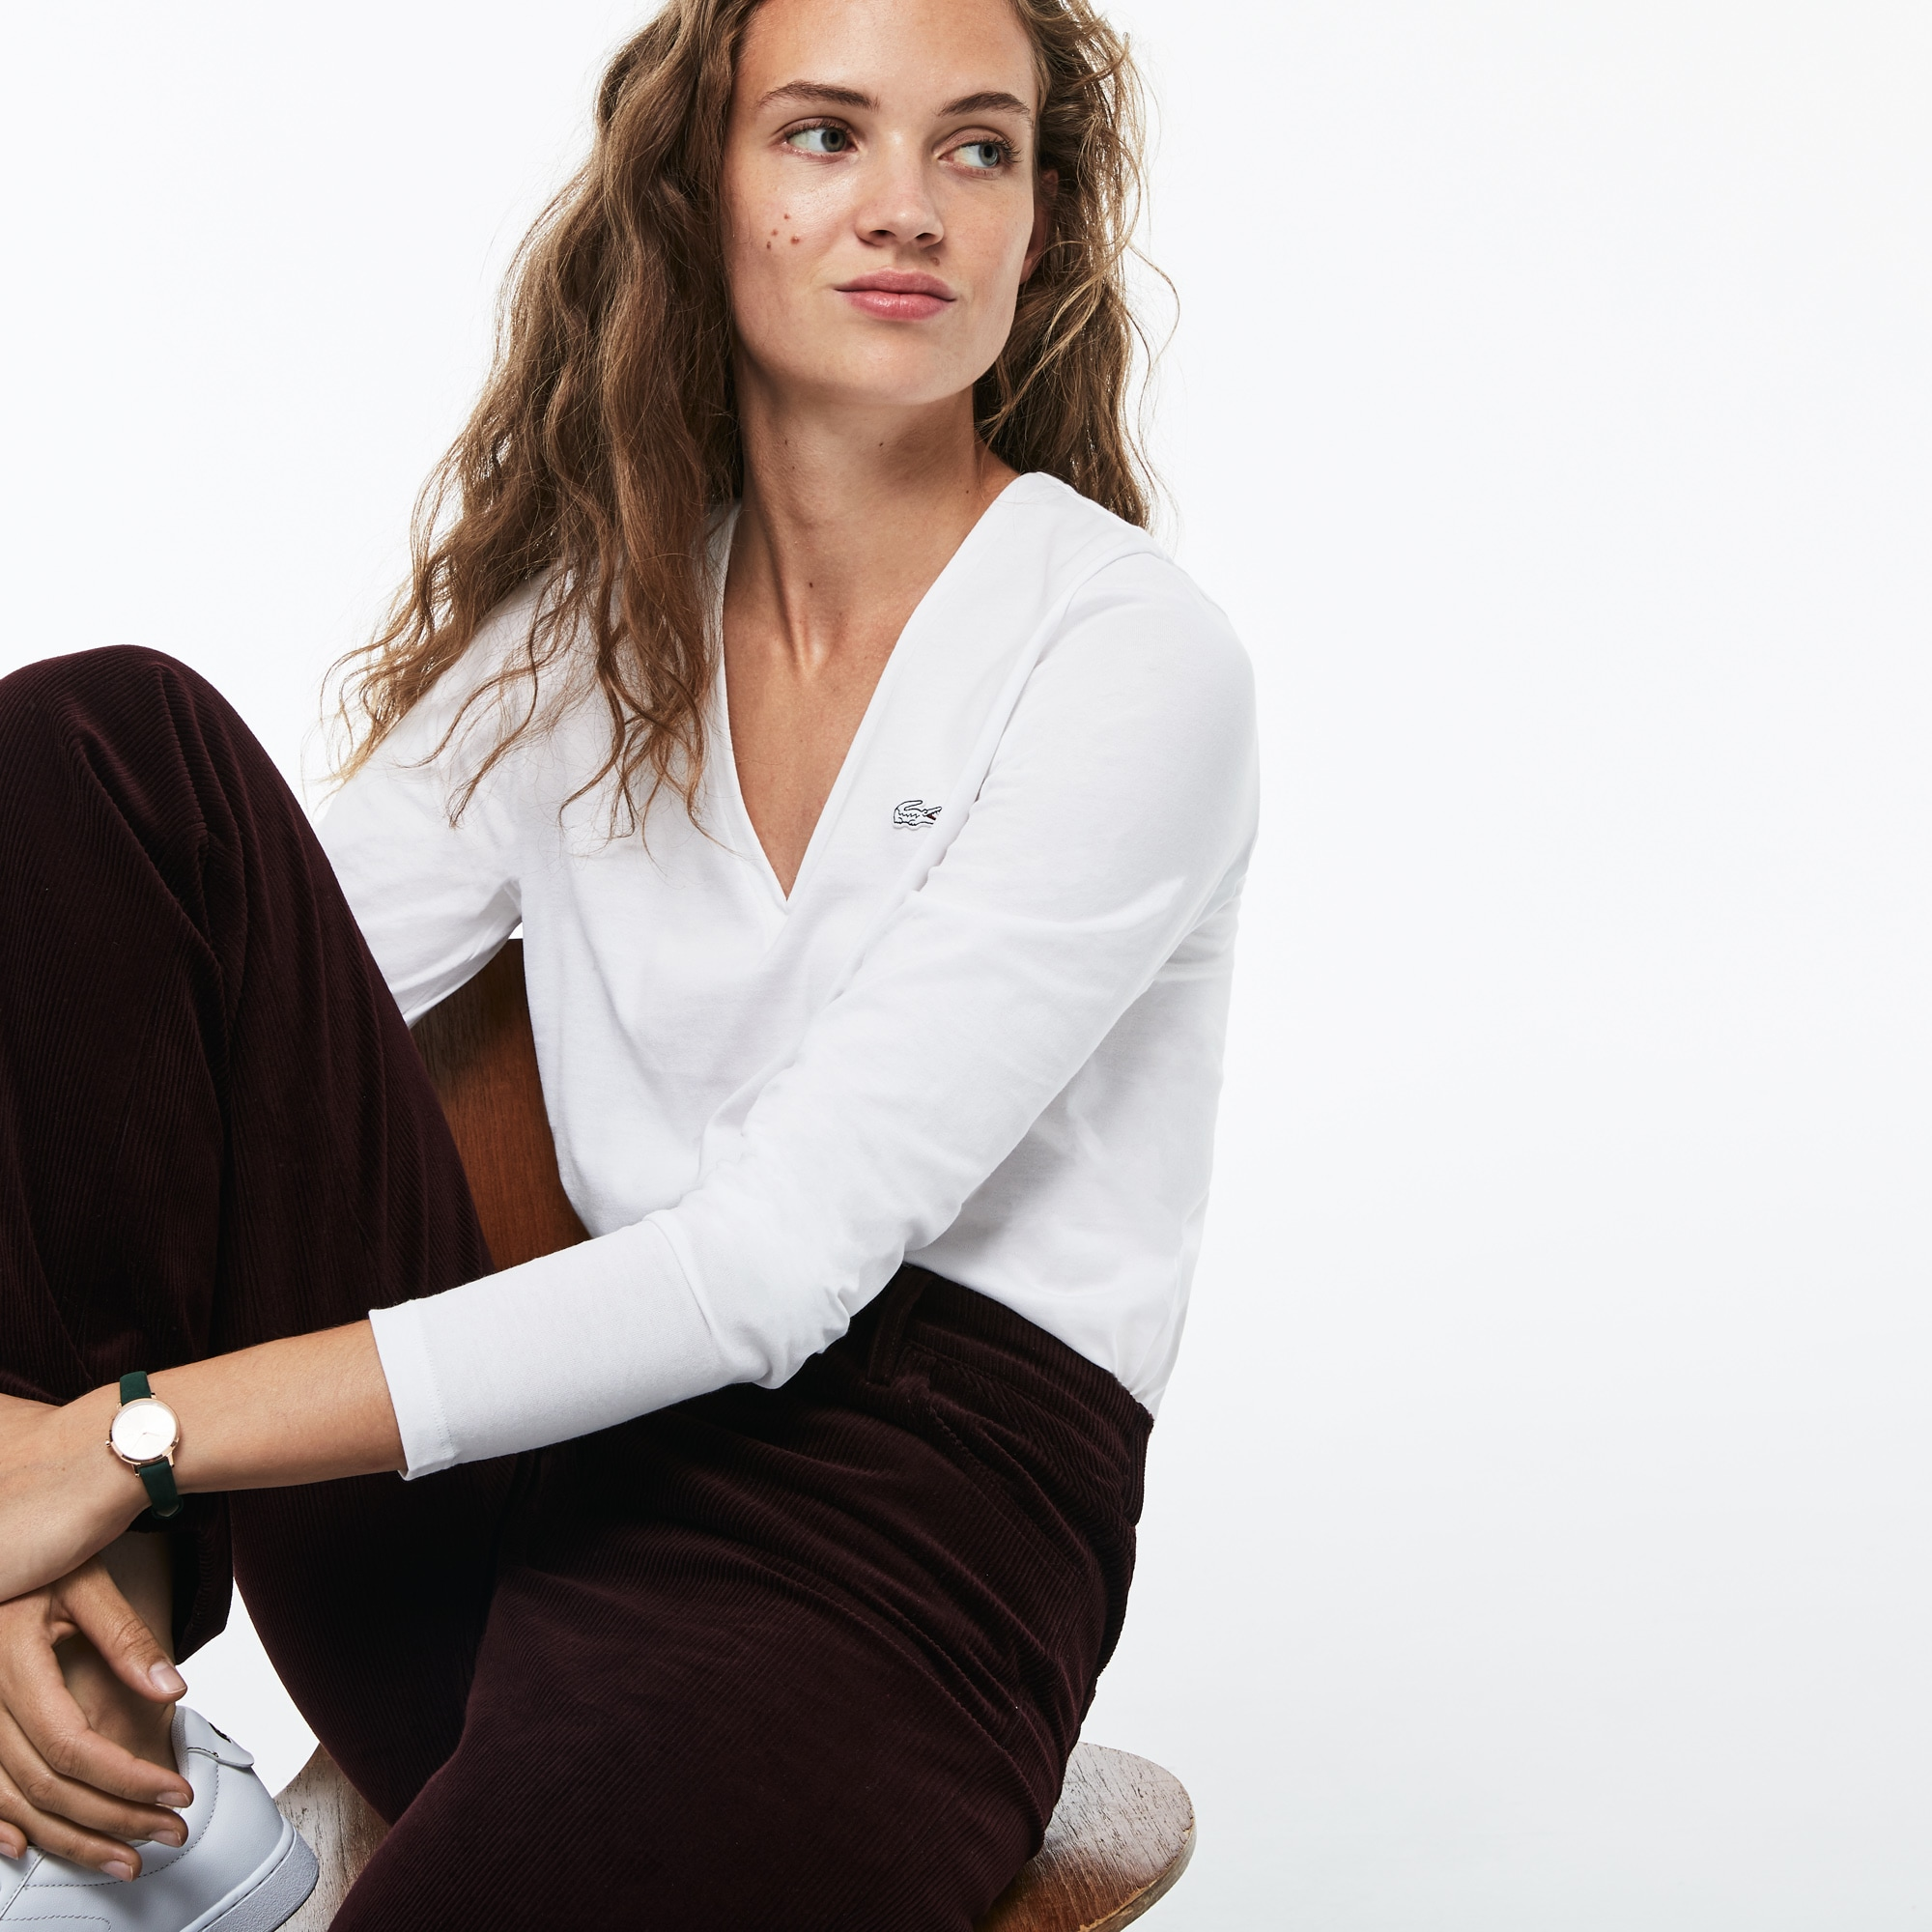 Damen-T-Shirt aus fließendem Baumwolljersey mit V-Ausschnitt